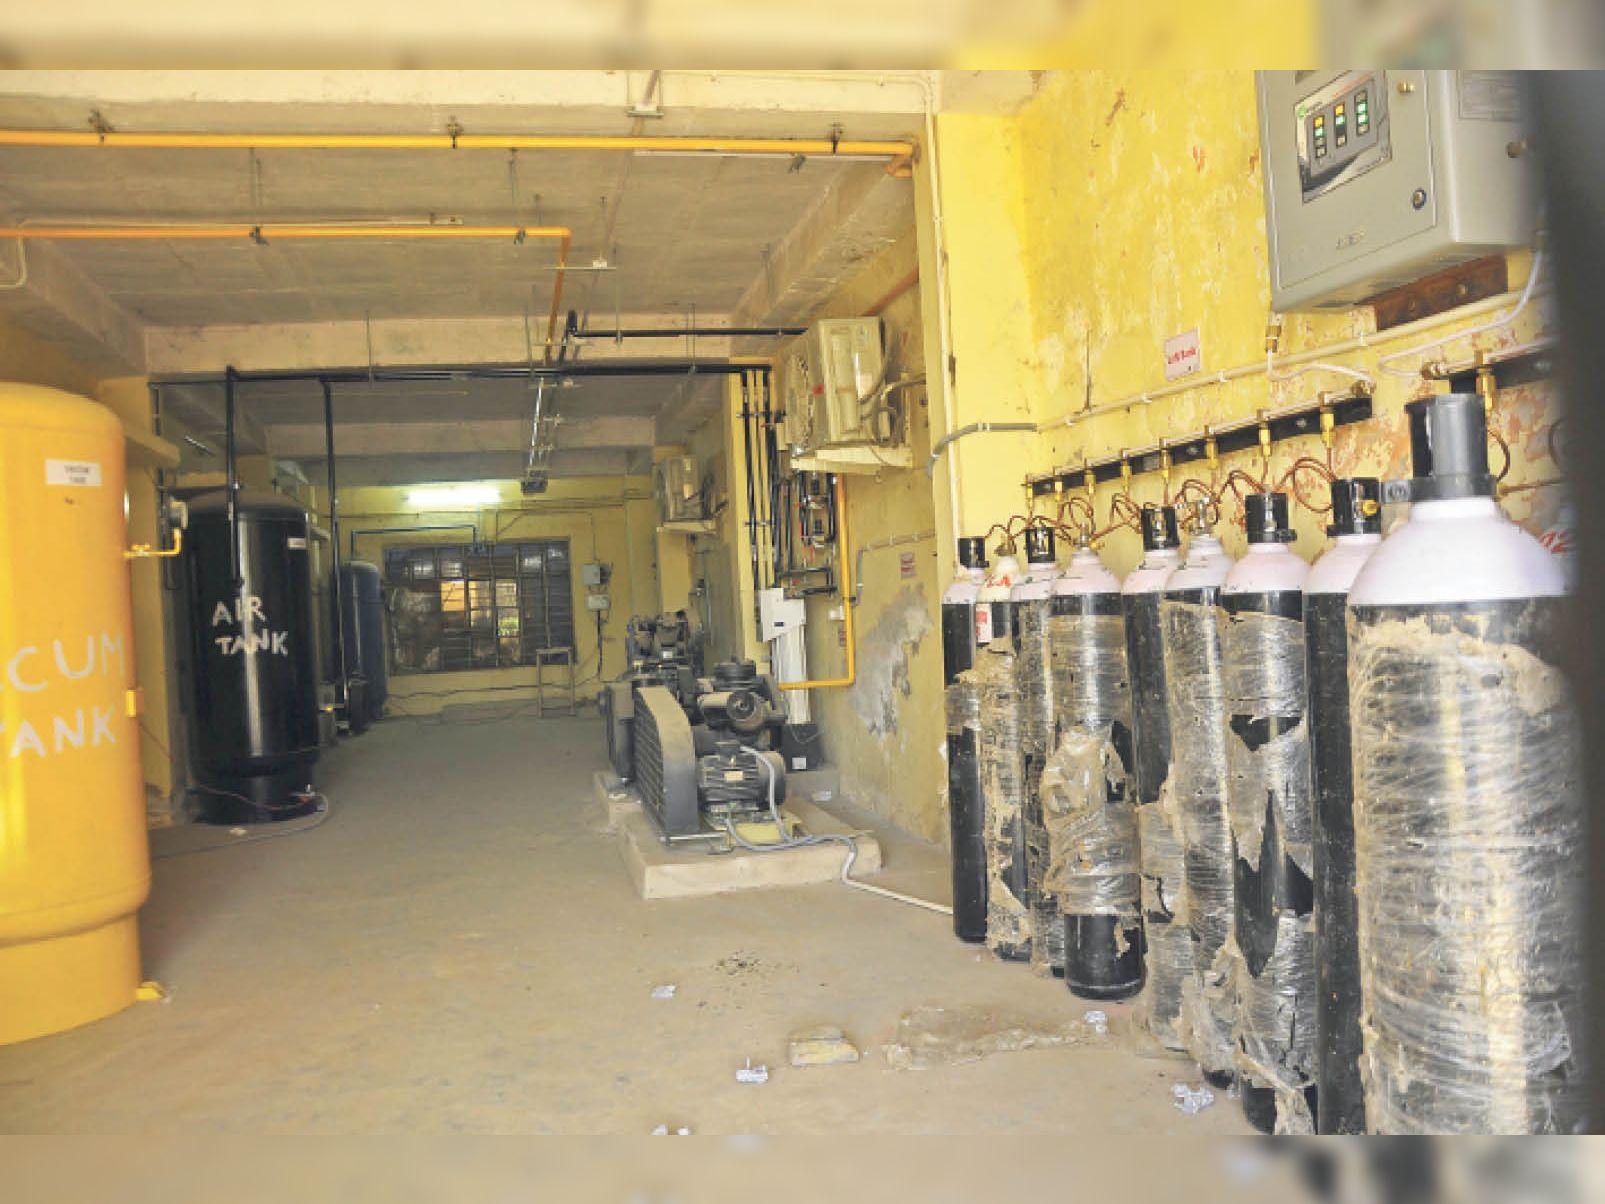 प्रशासन ने कोरोना मरीजों के लिए इंडस्ट्री से एक हजार ऑक्सीजन सिलेंडर मंगवाए|चंडीगढ़,Chandigarh - Dainik Bhaskar